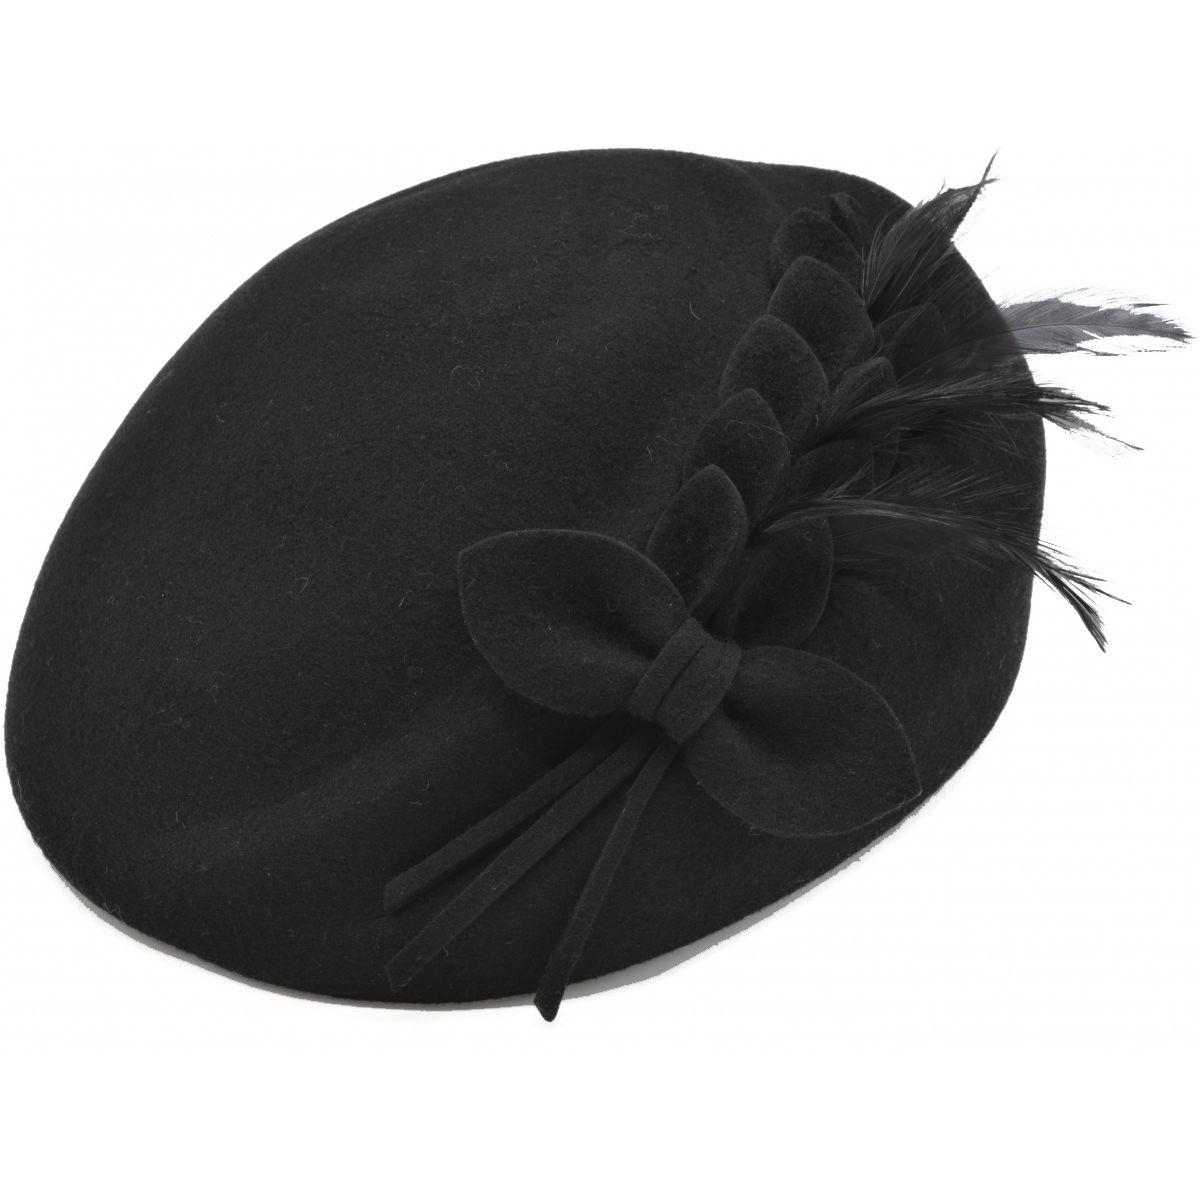 eae2970b_chapeau-retro-pin-up-40-s-50-s-glam-chic-suzy-noir